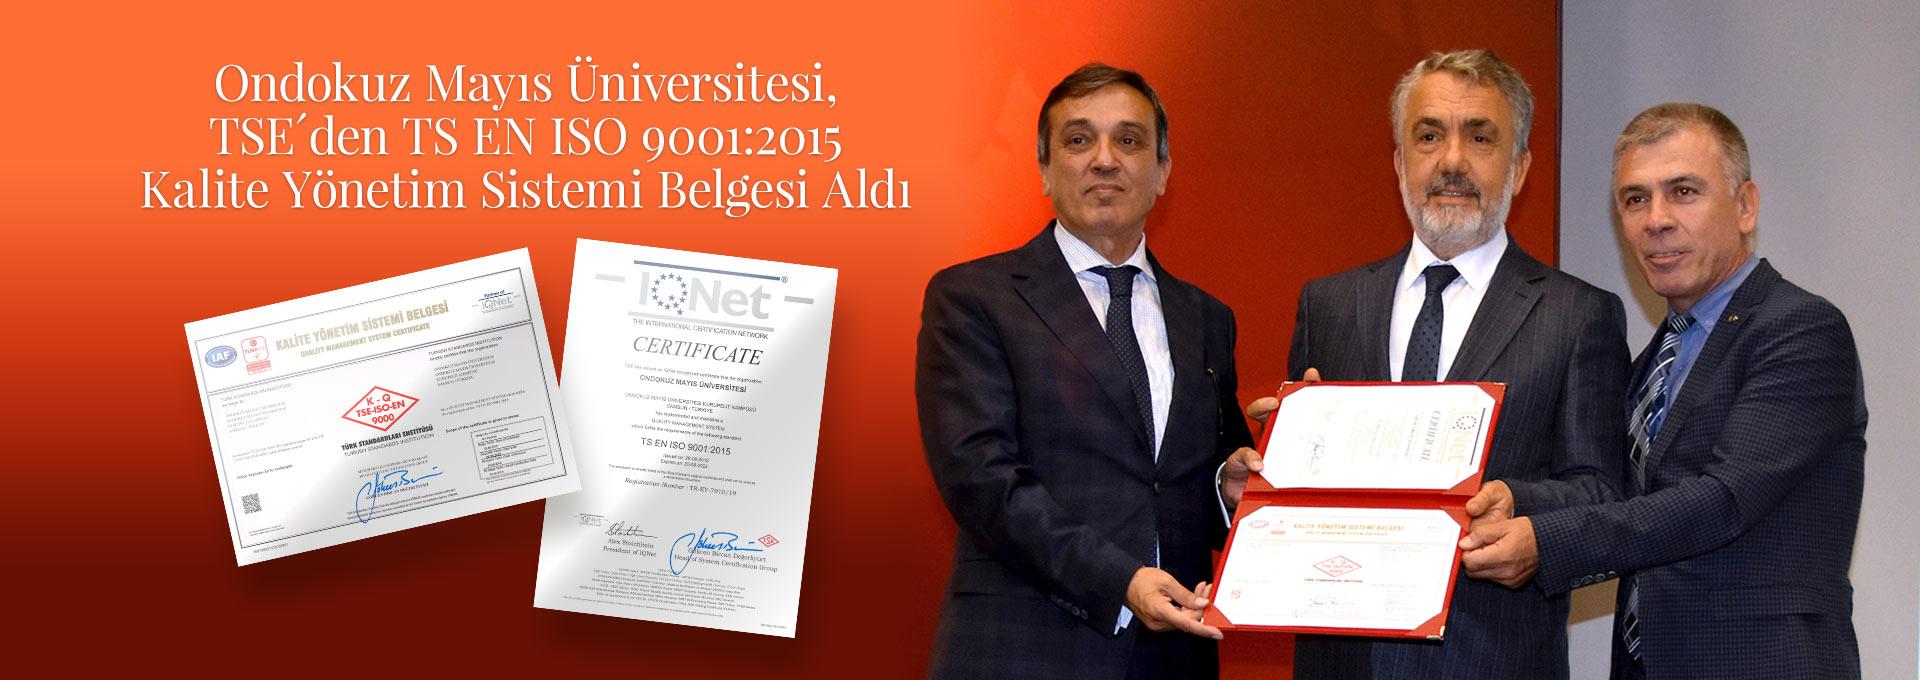 OMÜ ISO 9001: 2015 Kalite Yönetim Sistemi Belgesini Aldı